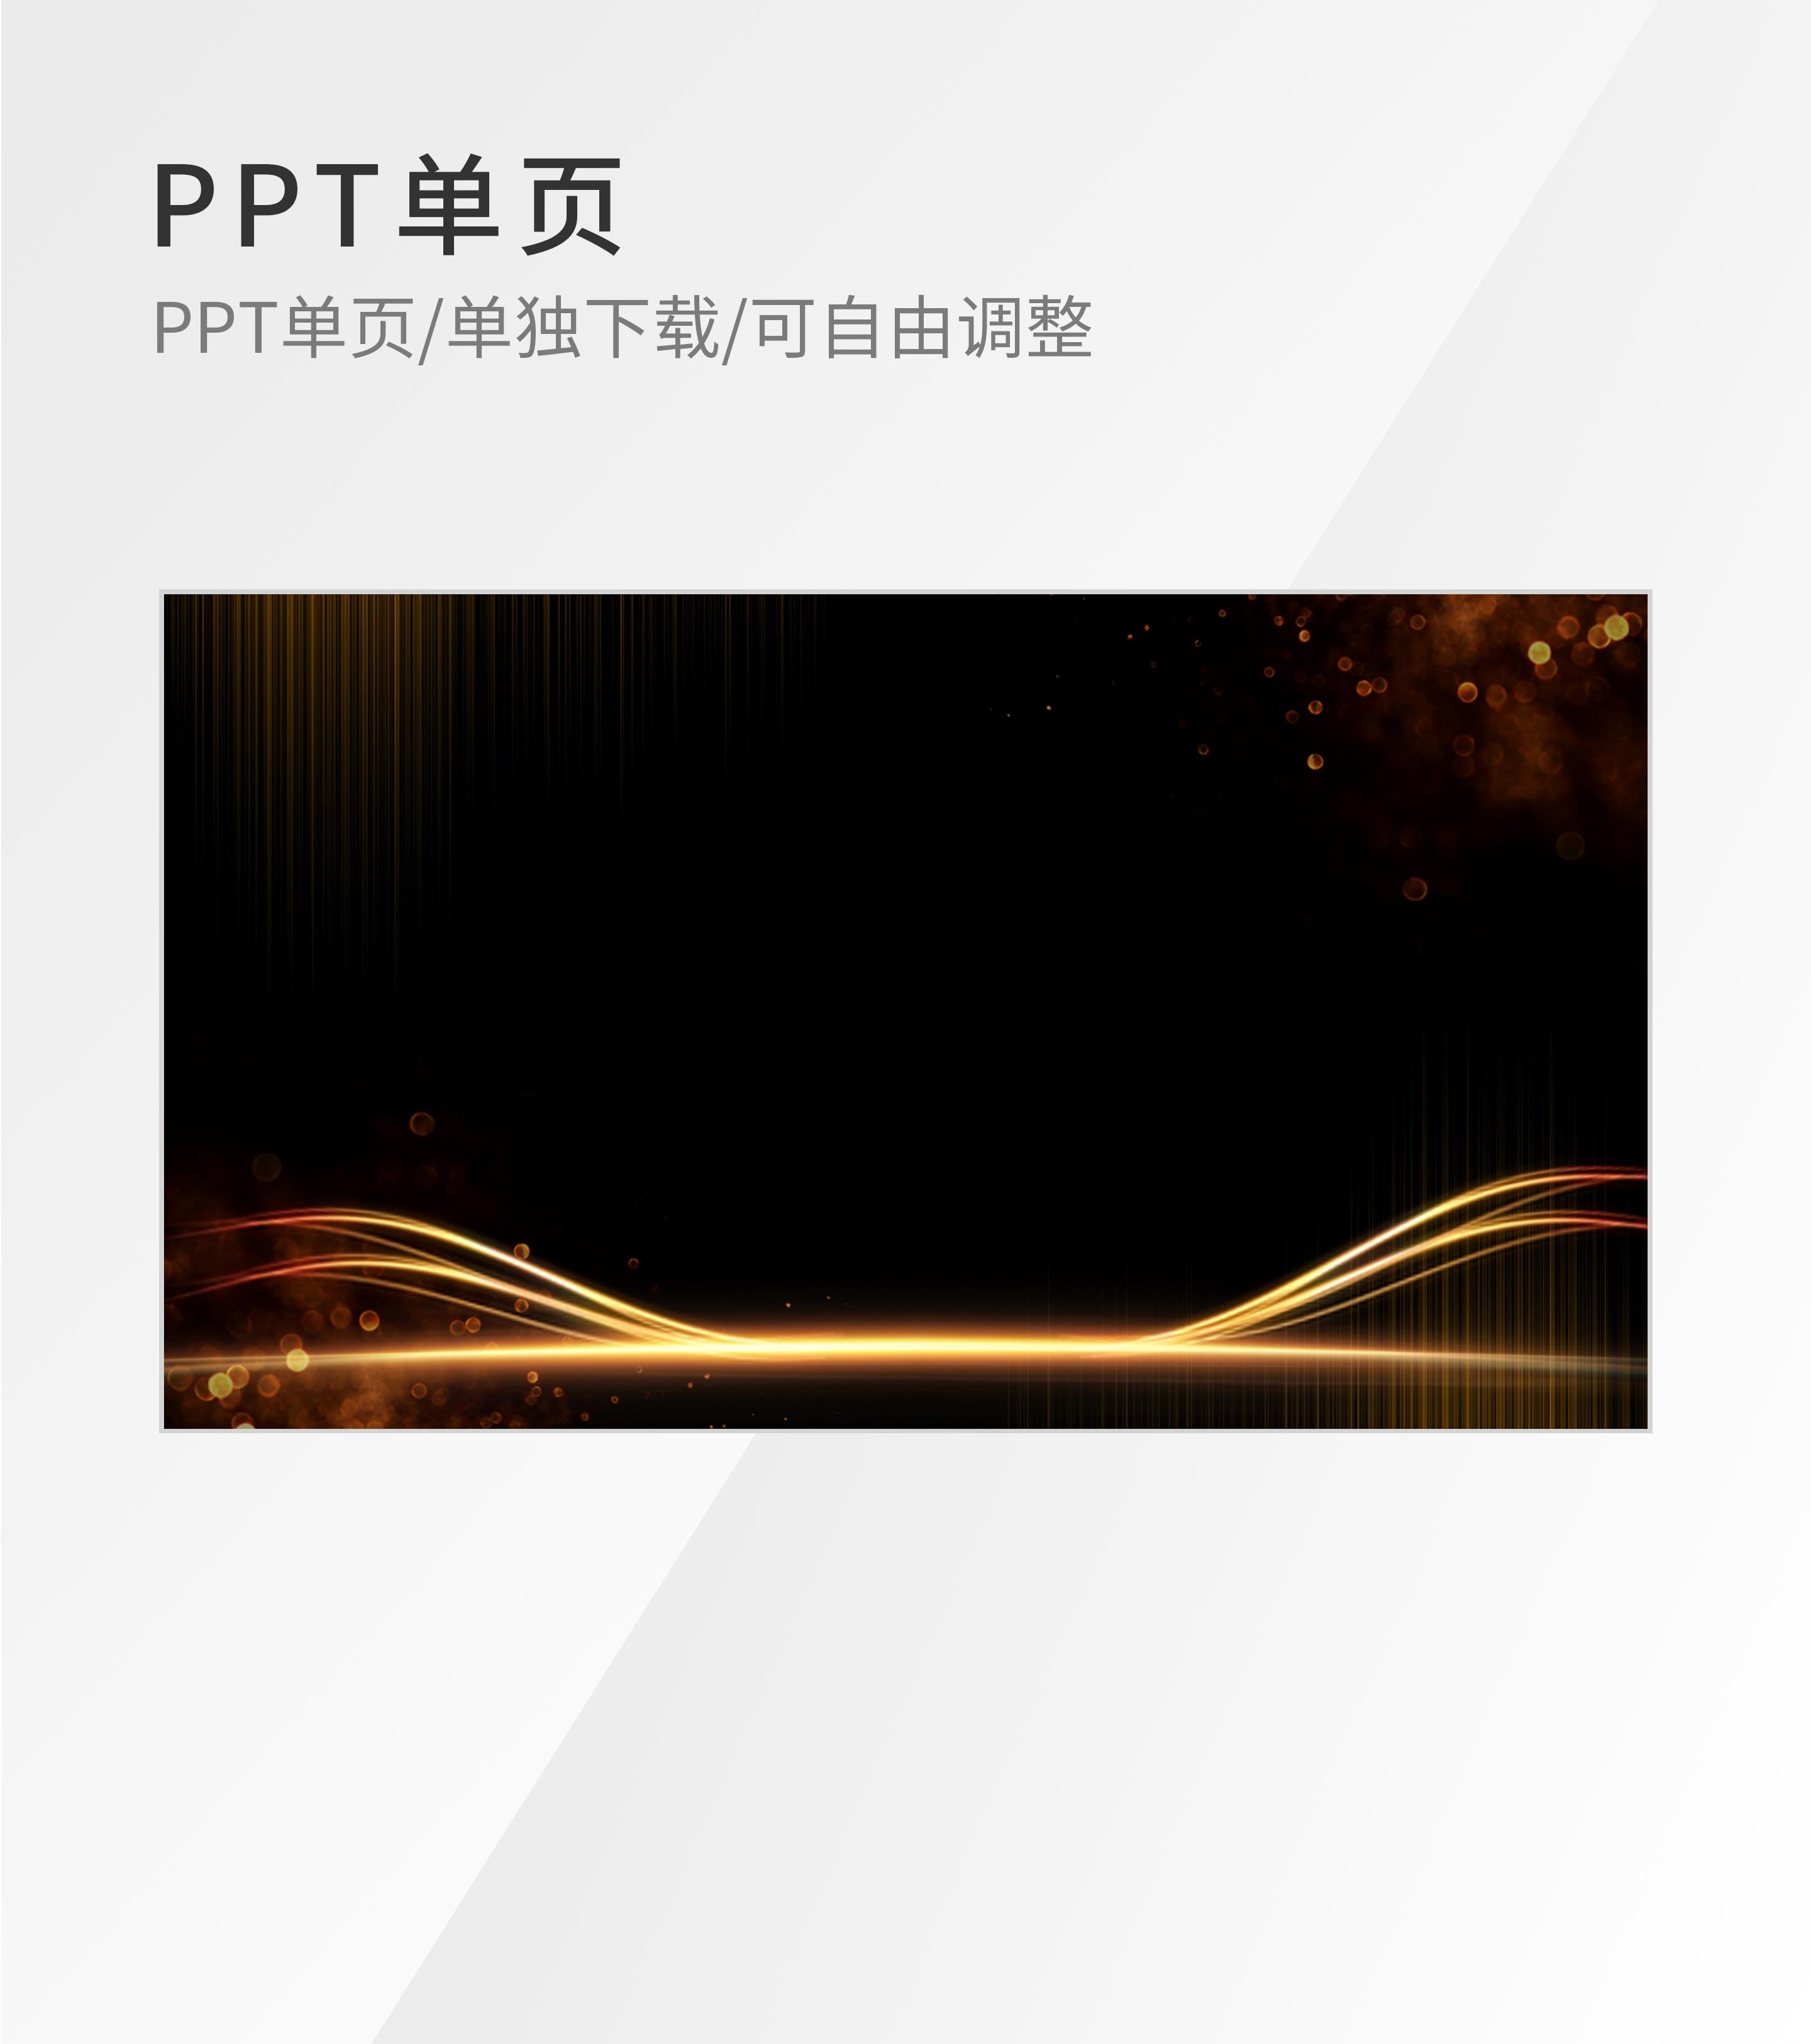 黑色奢华风PPT封面背景